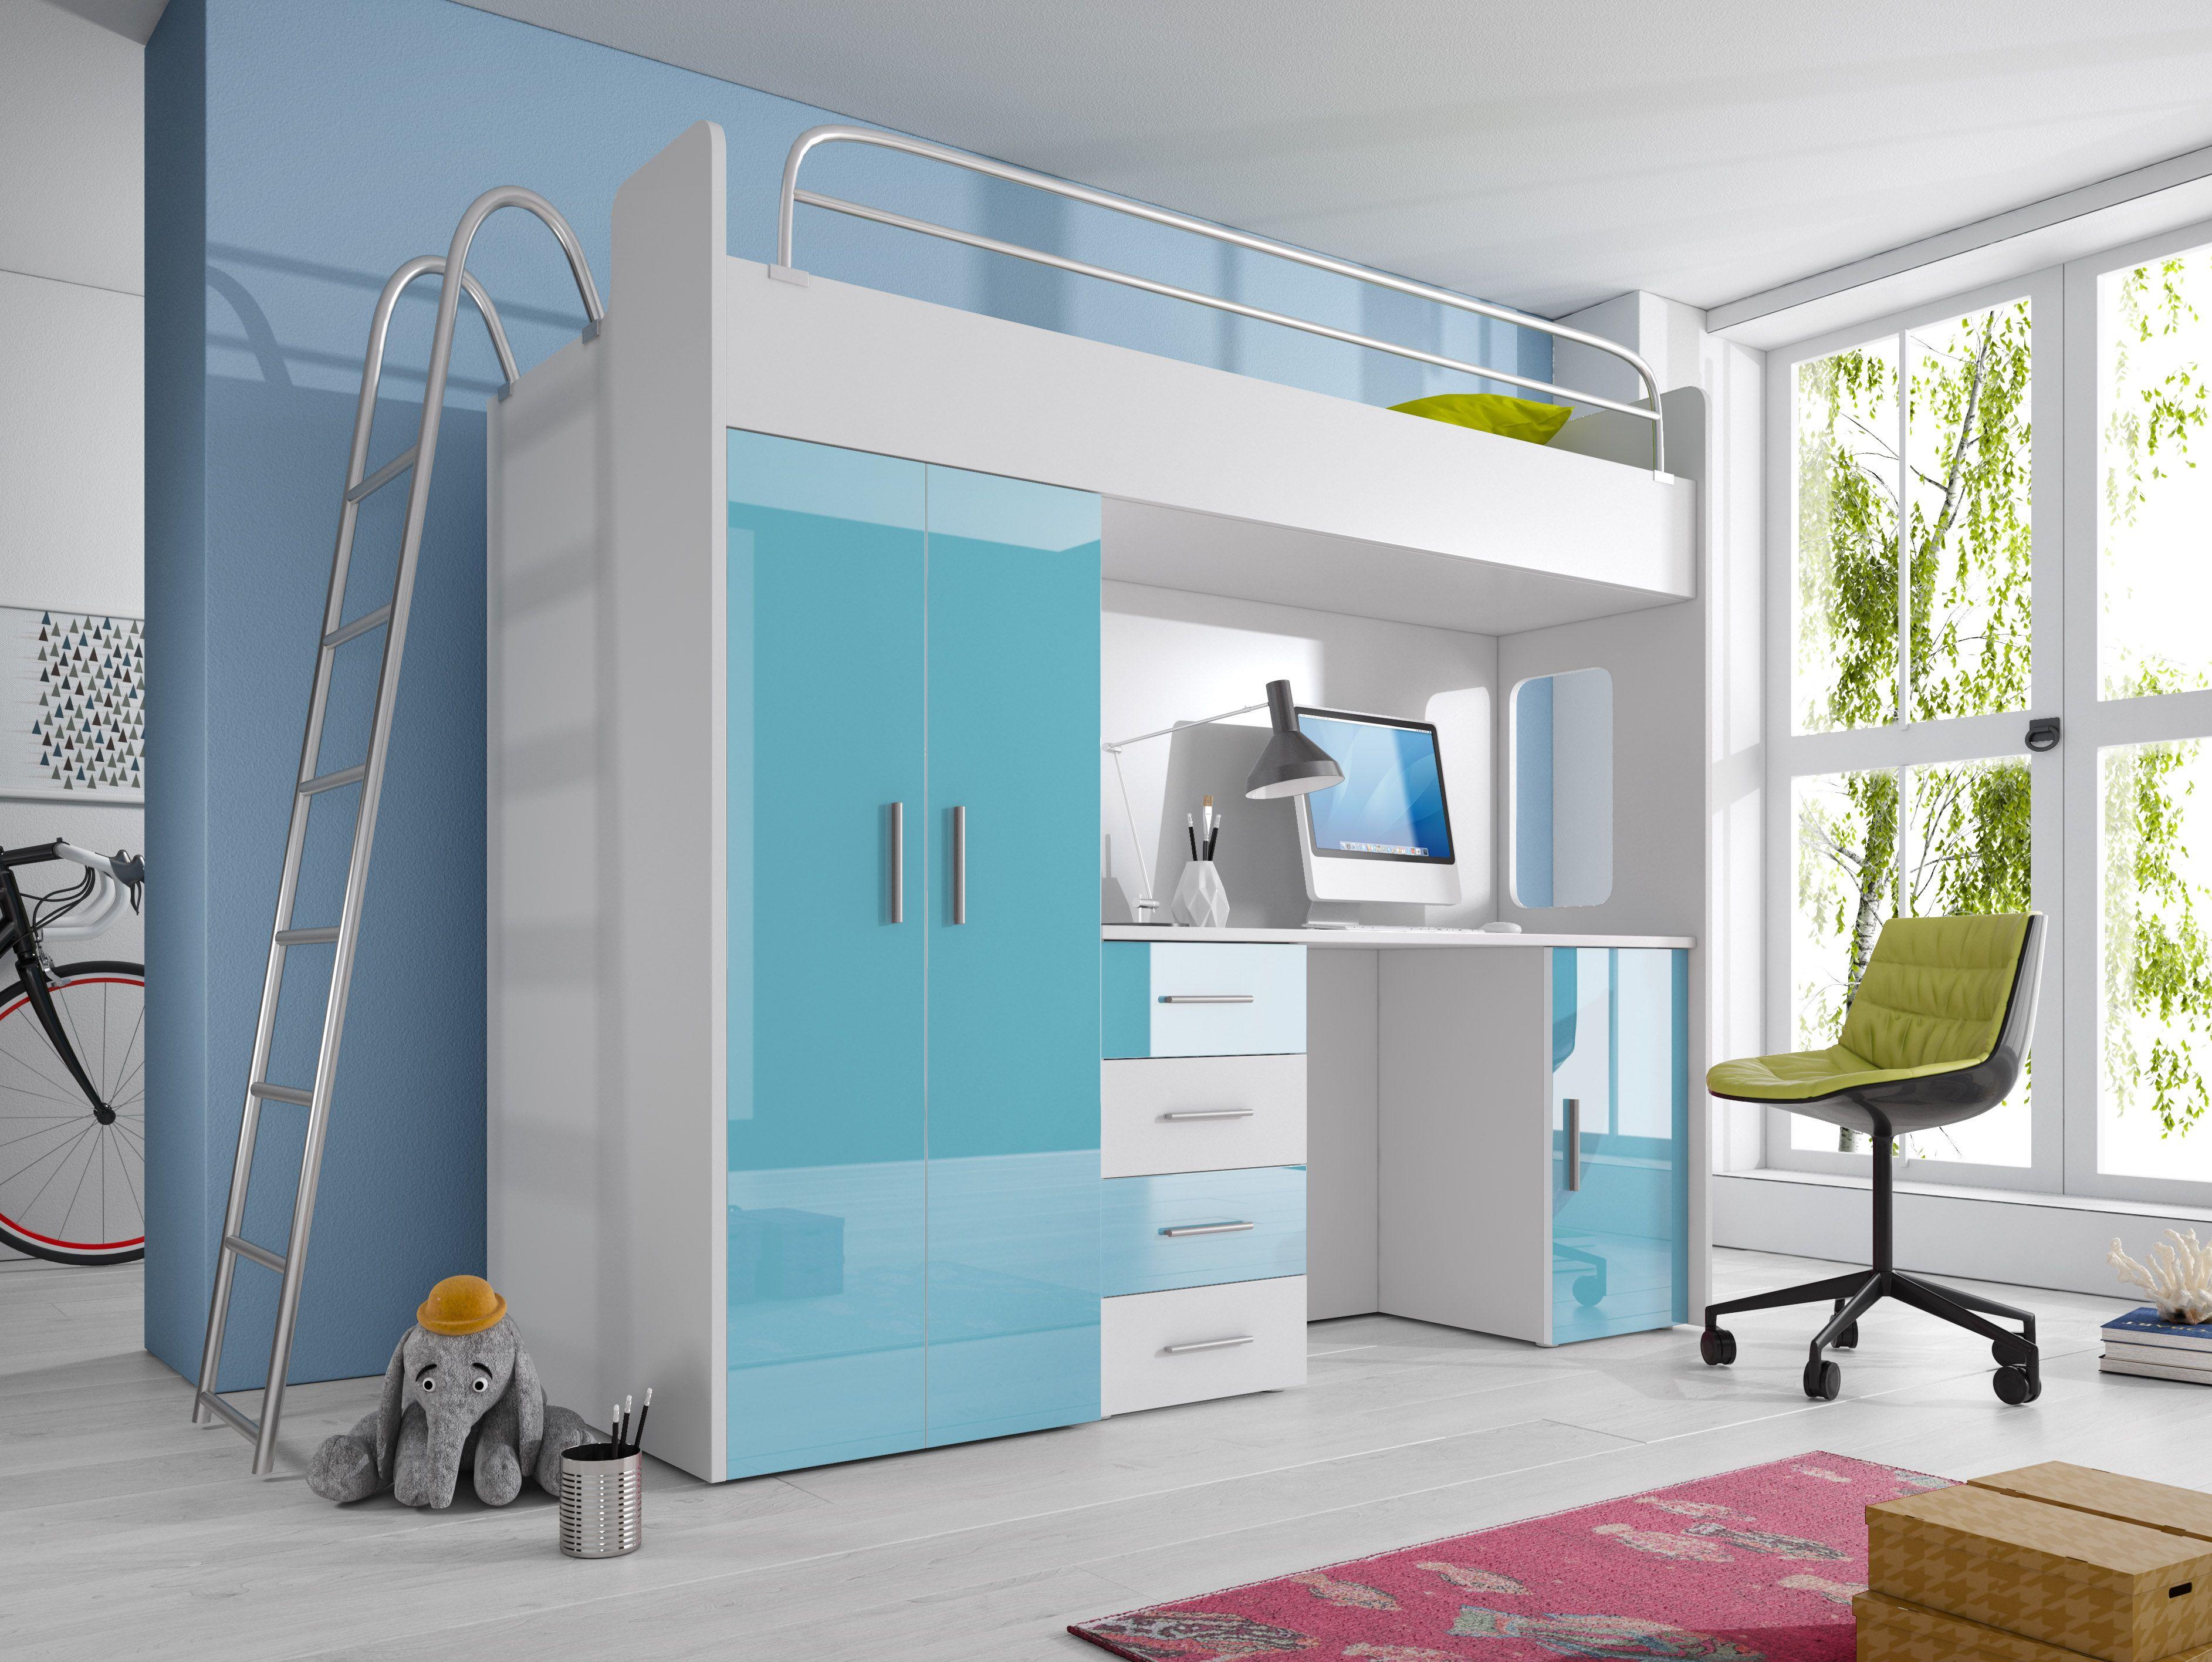 Paradise Hochbett 4D azurblau (80x200cm) | Pinterest | Hochbetten ...